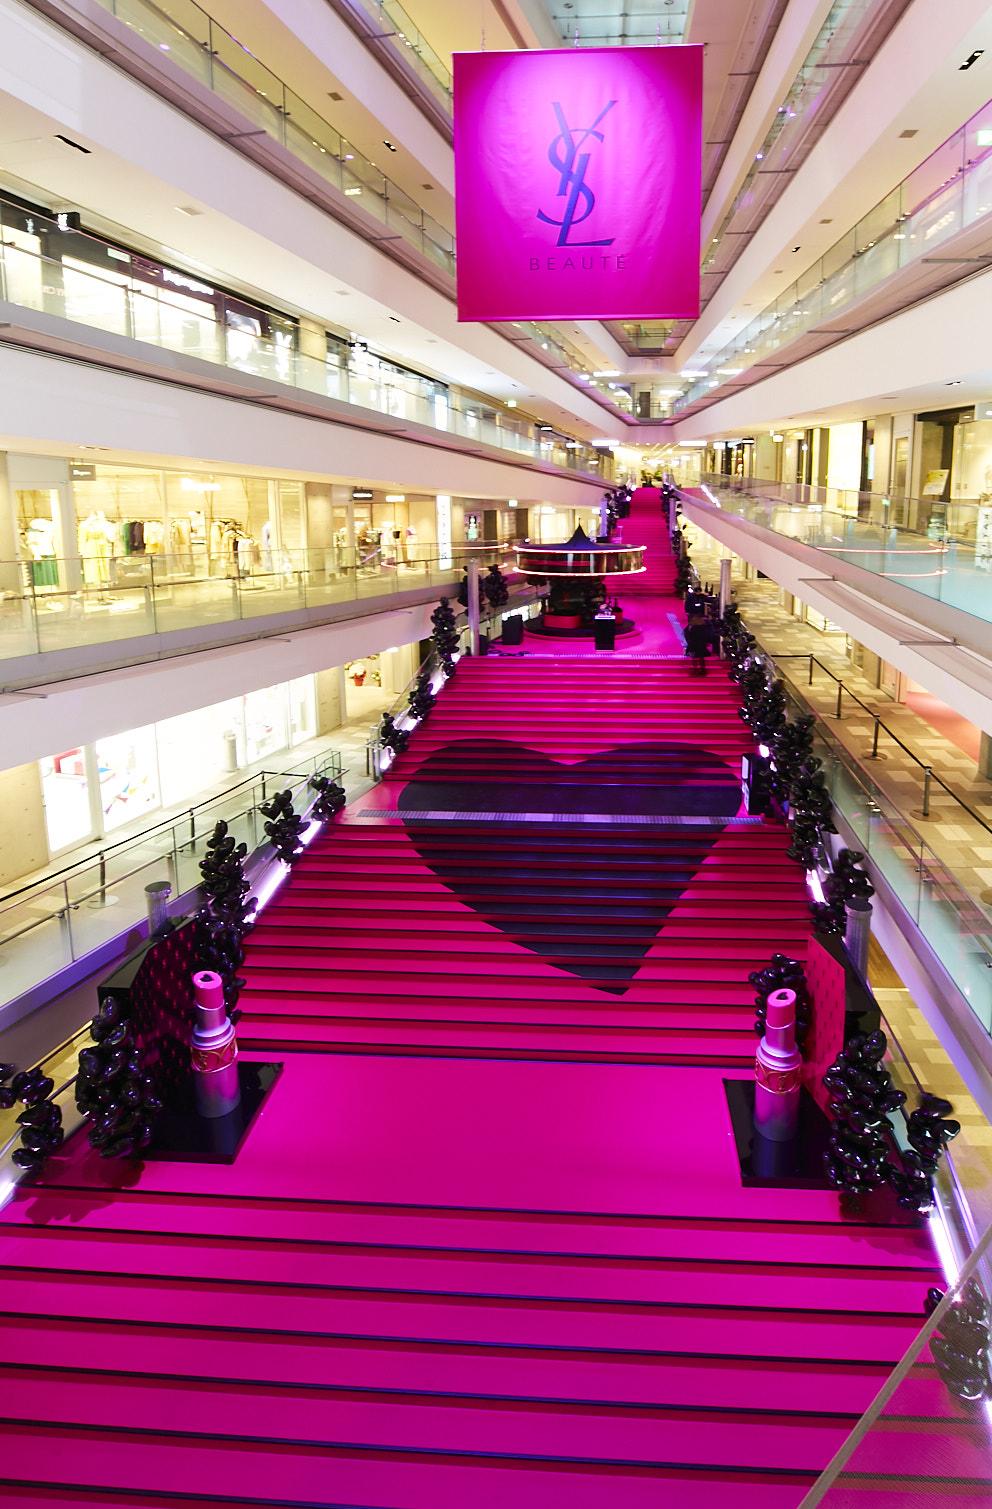 Yves Saint-Laurent Beaute(イヴ・サンローラン・ボーテ)が開催するスペシャルイベント「VOLUPTE LAND(ヴォリュプテ ランド)」(表参道ヒルズ/2019年3月6日)階段のハートマーク